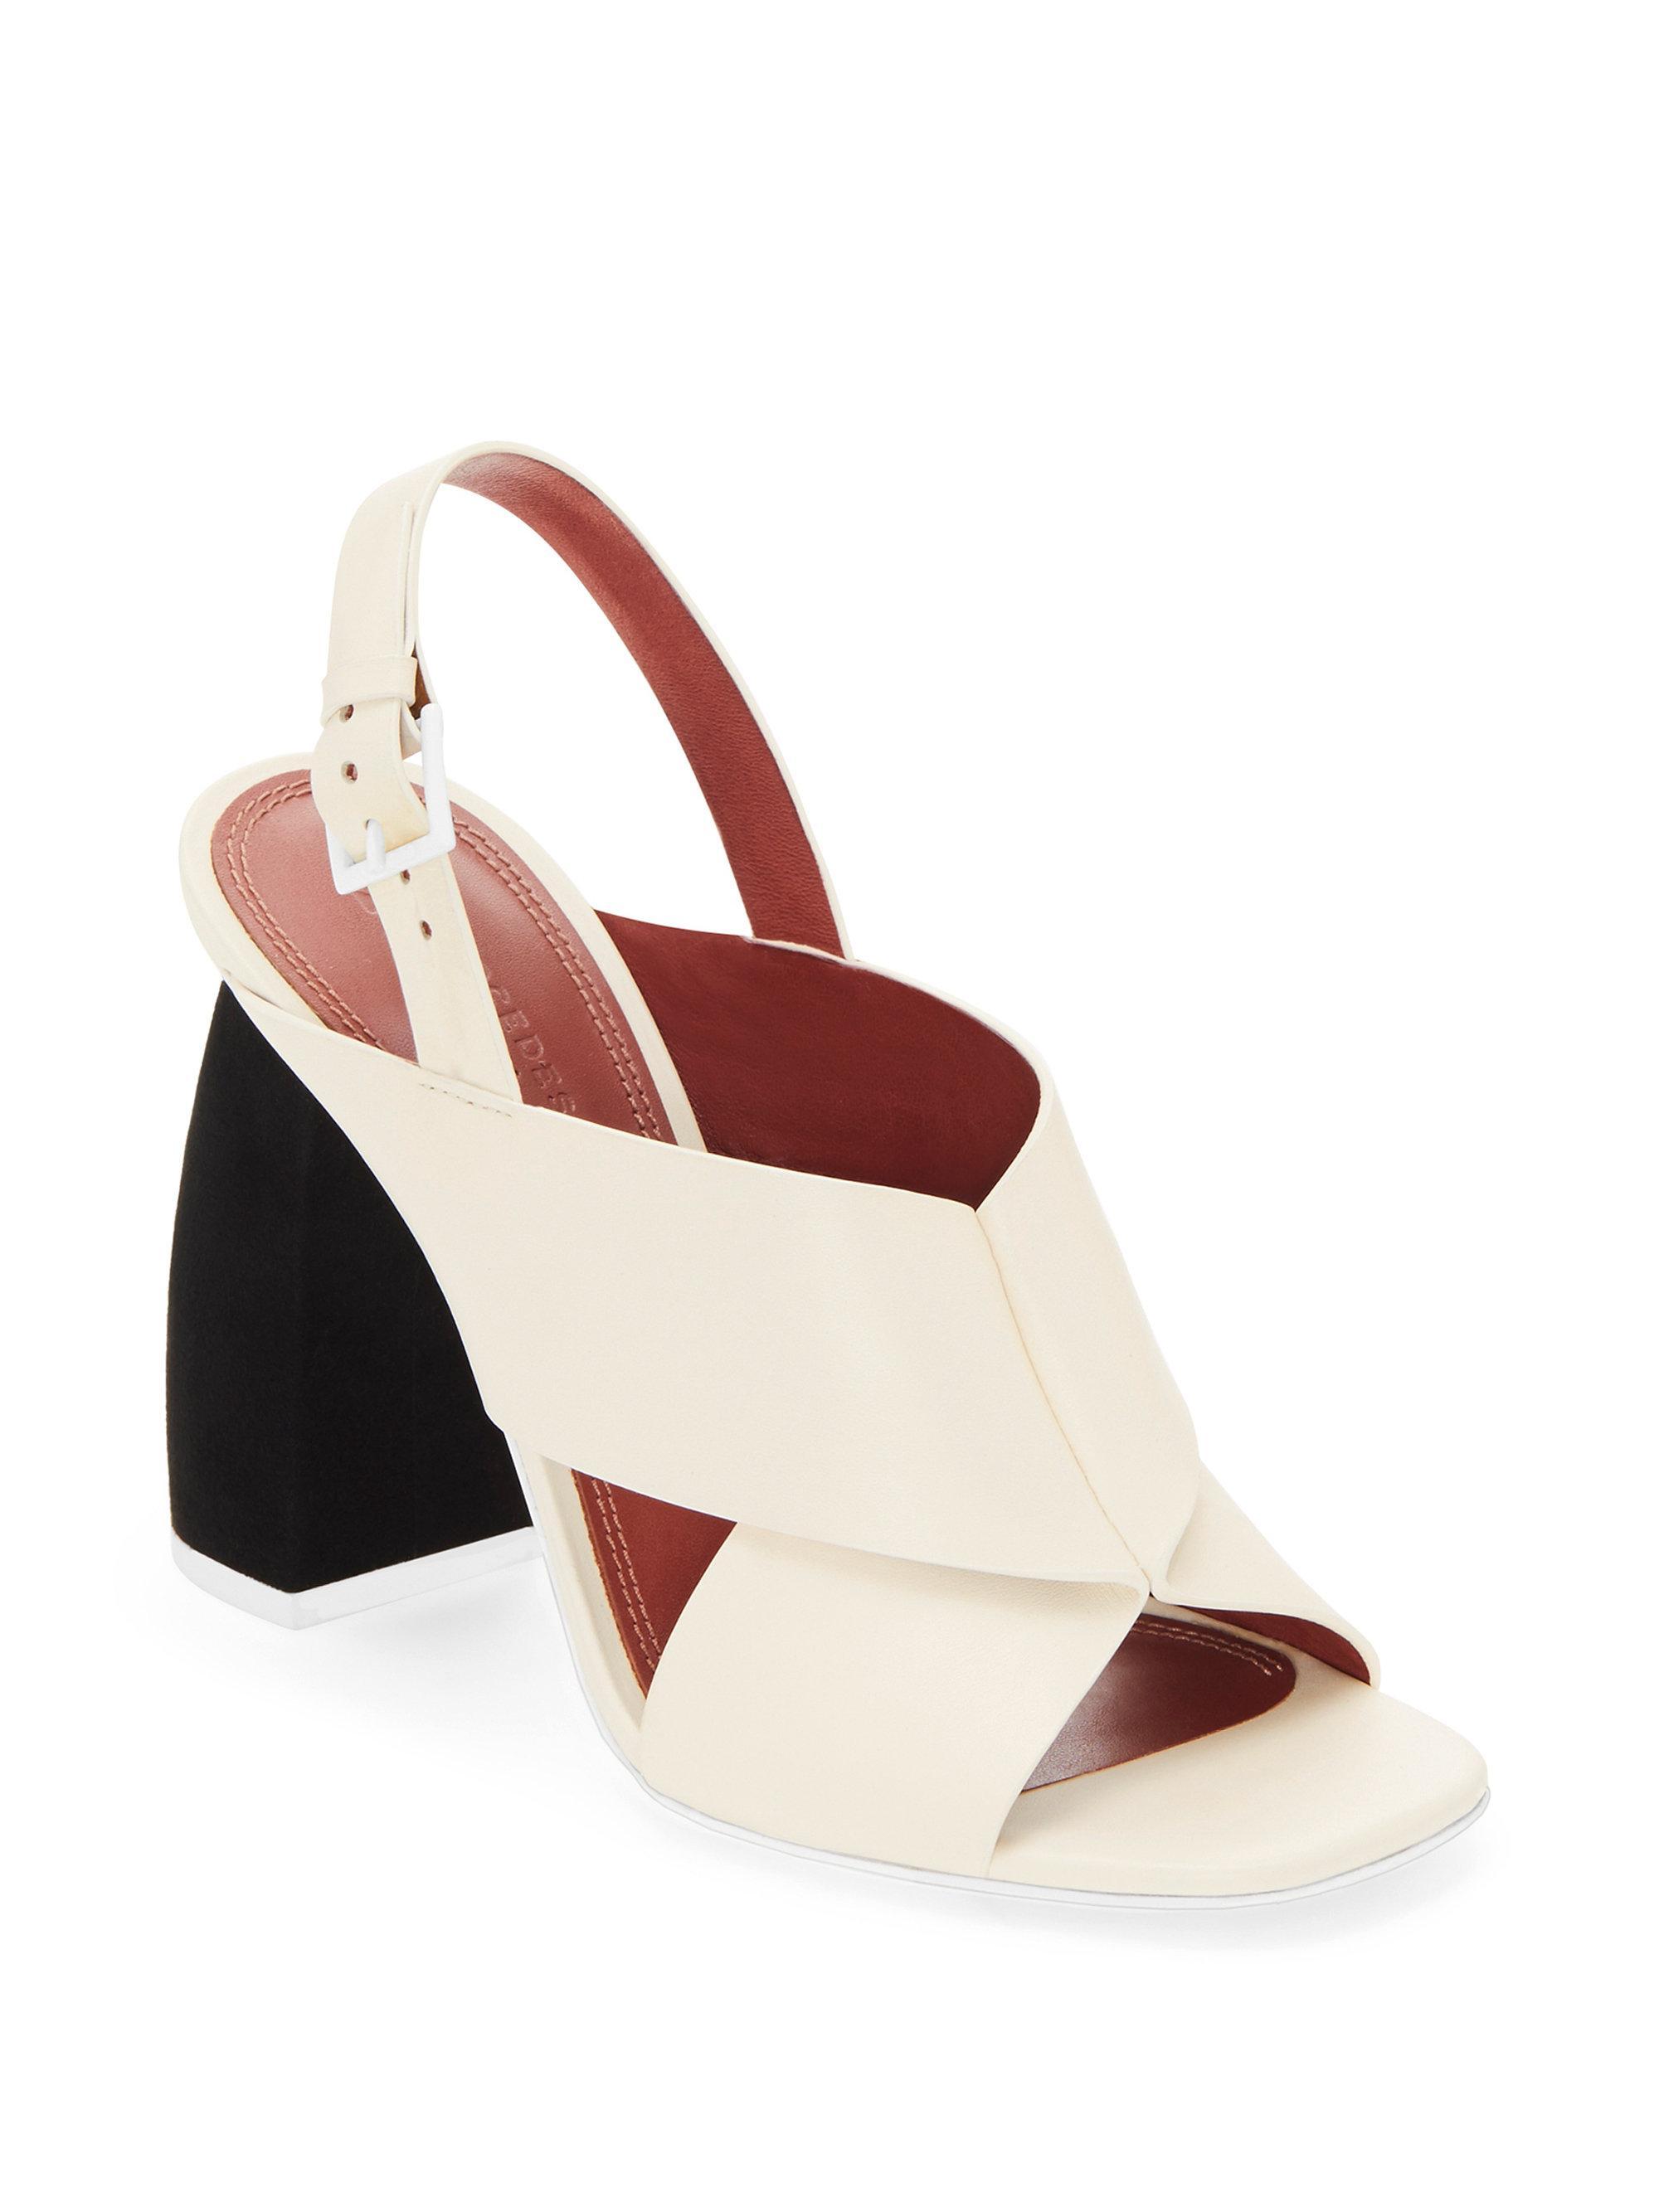 Mercedes Castillo Hae Leather Sandals Footlocker Finishline Sale Online Comfortable For Sale Newest Sale Online 95GiKa0